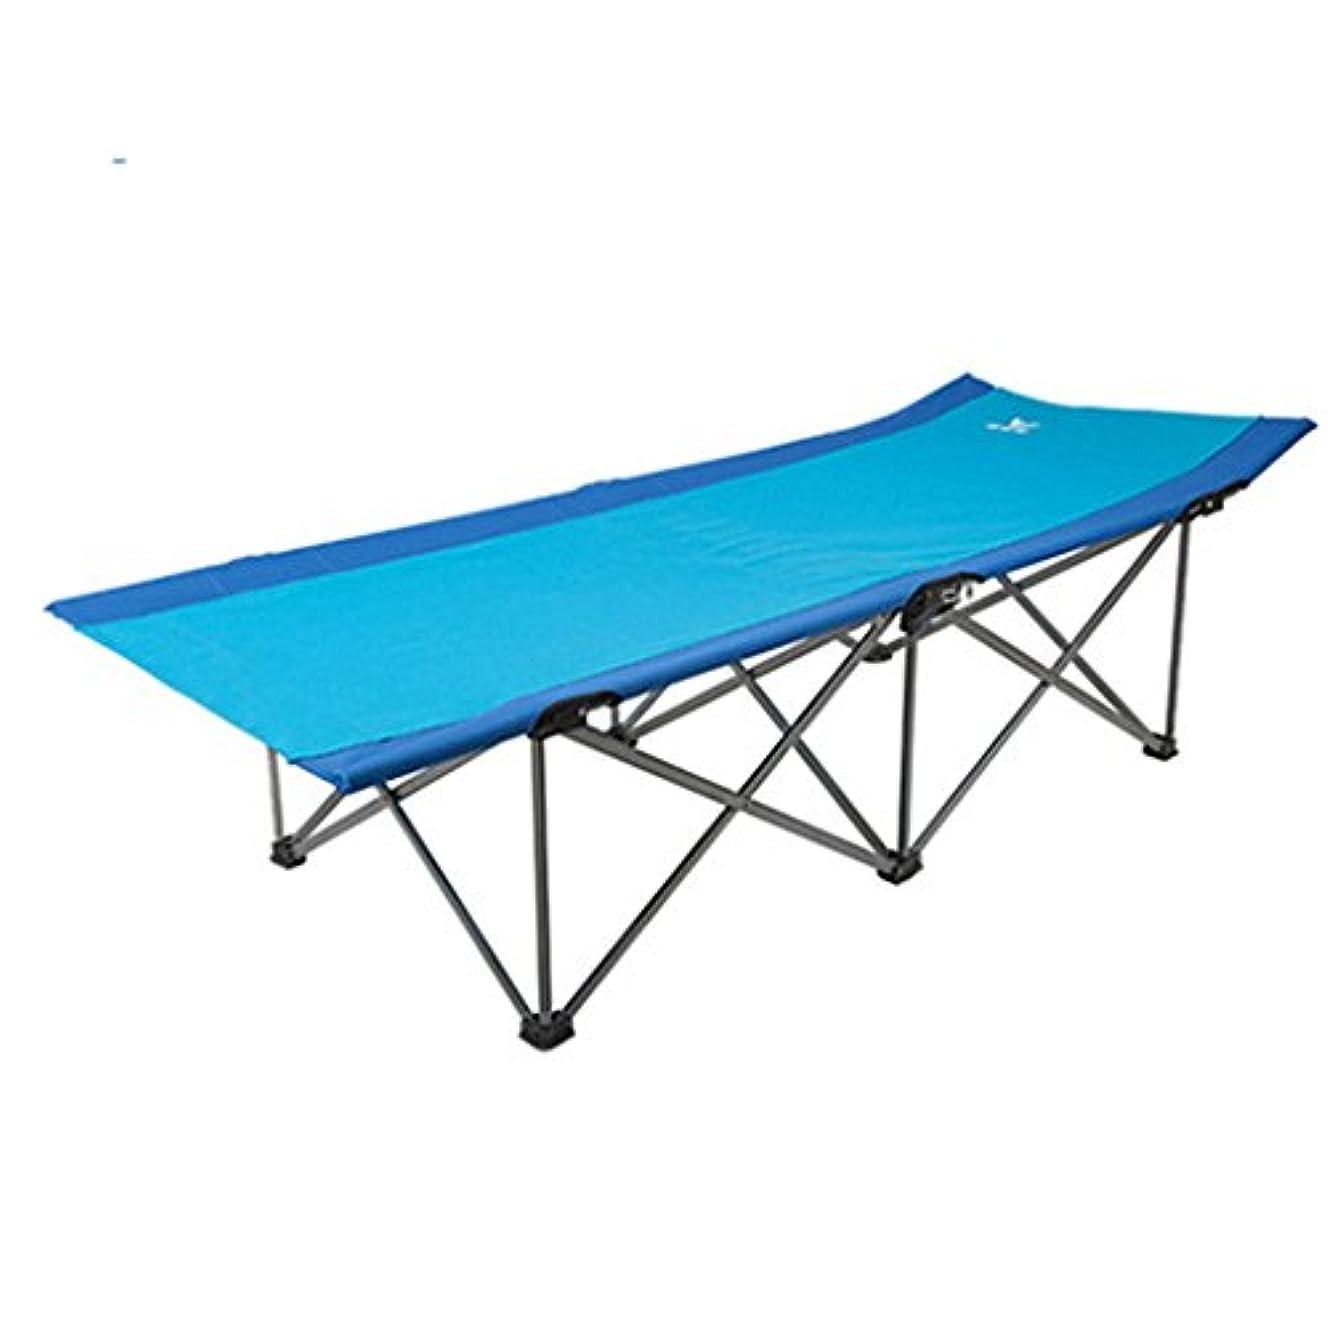 不規則なネブしっかり折りたたみ式ベッド 折り畳み式ベッドシングルベッドホームアダルトベッドシエスタラウンジチェアオフィスシンプルベッドマーチングエスコート198 * 78 * 54cm (Color : Blue)